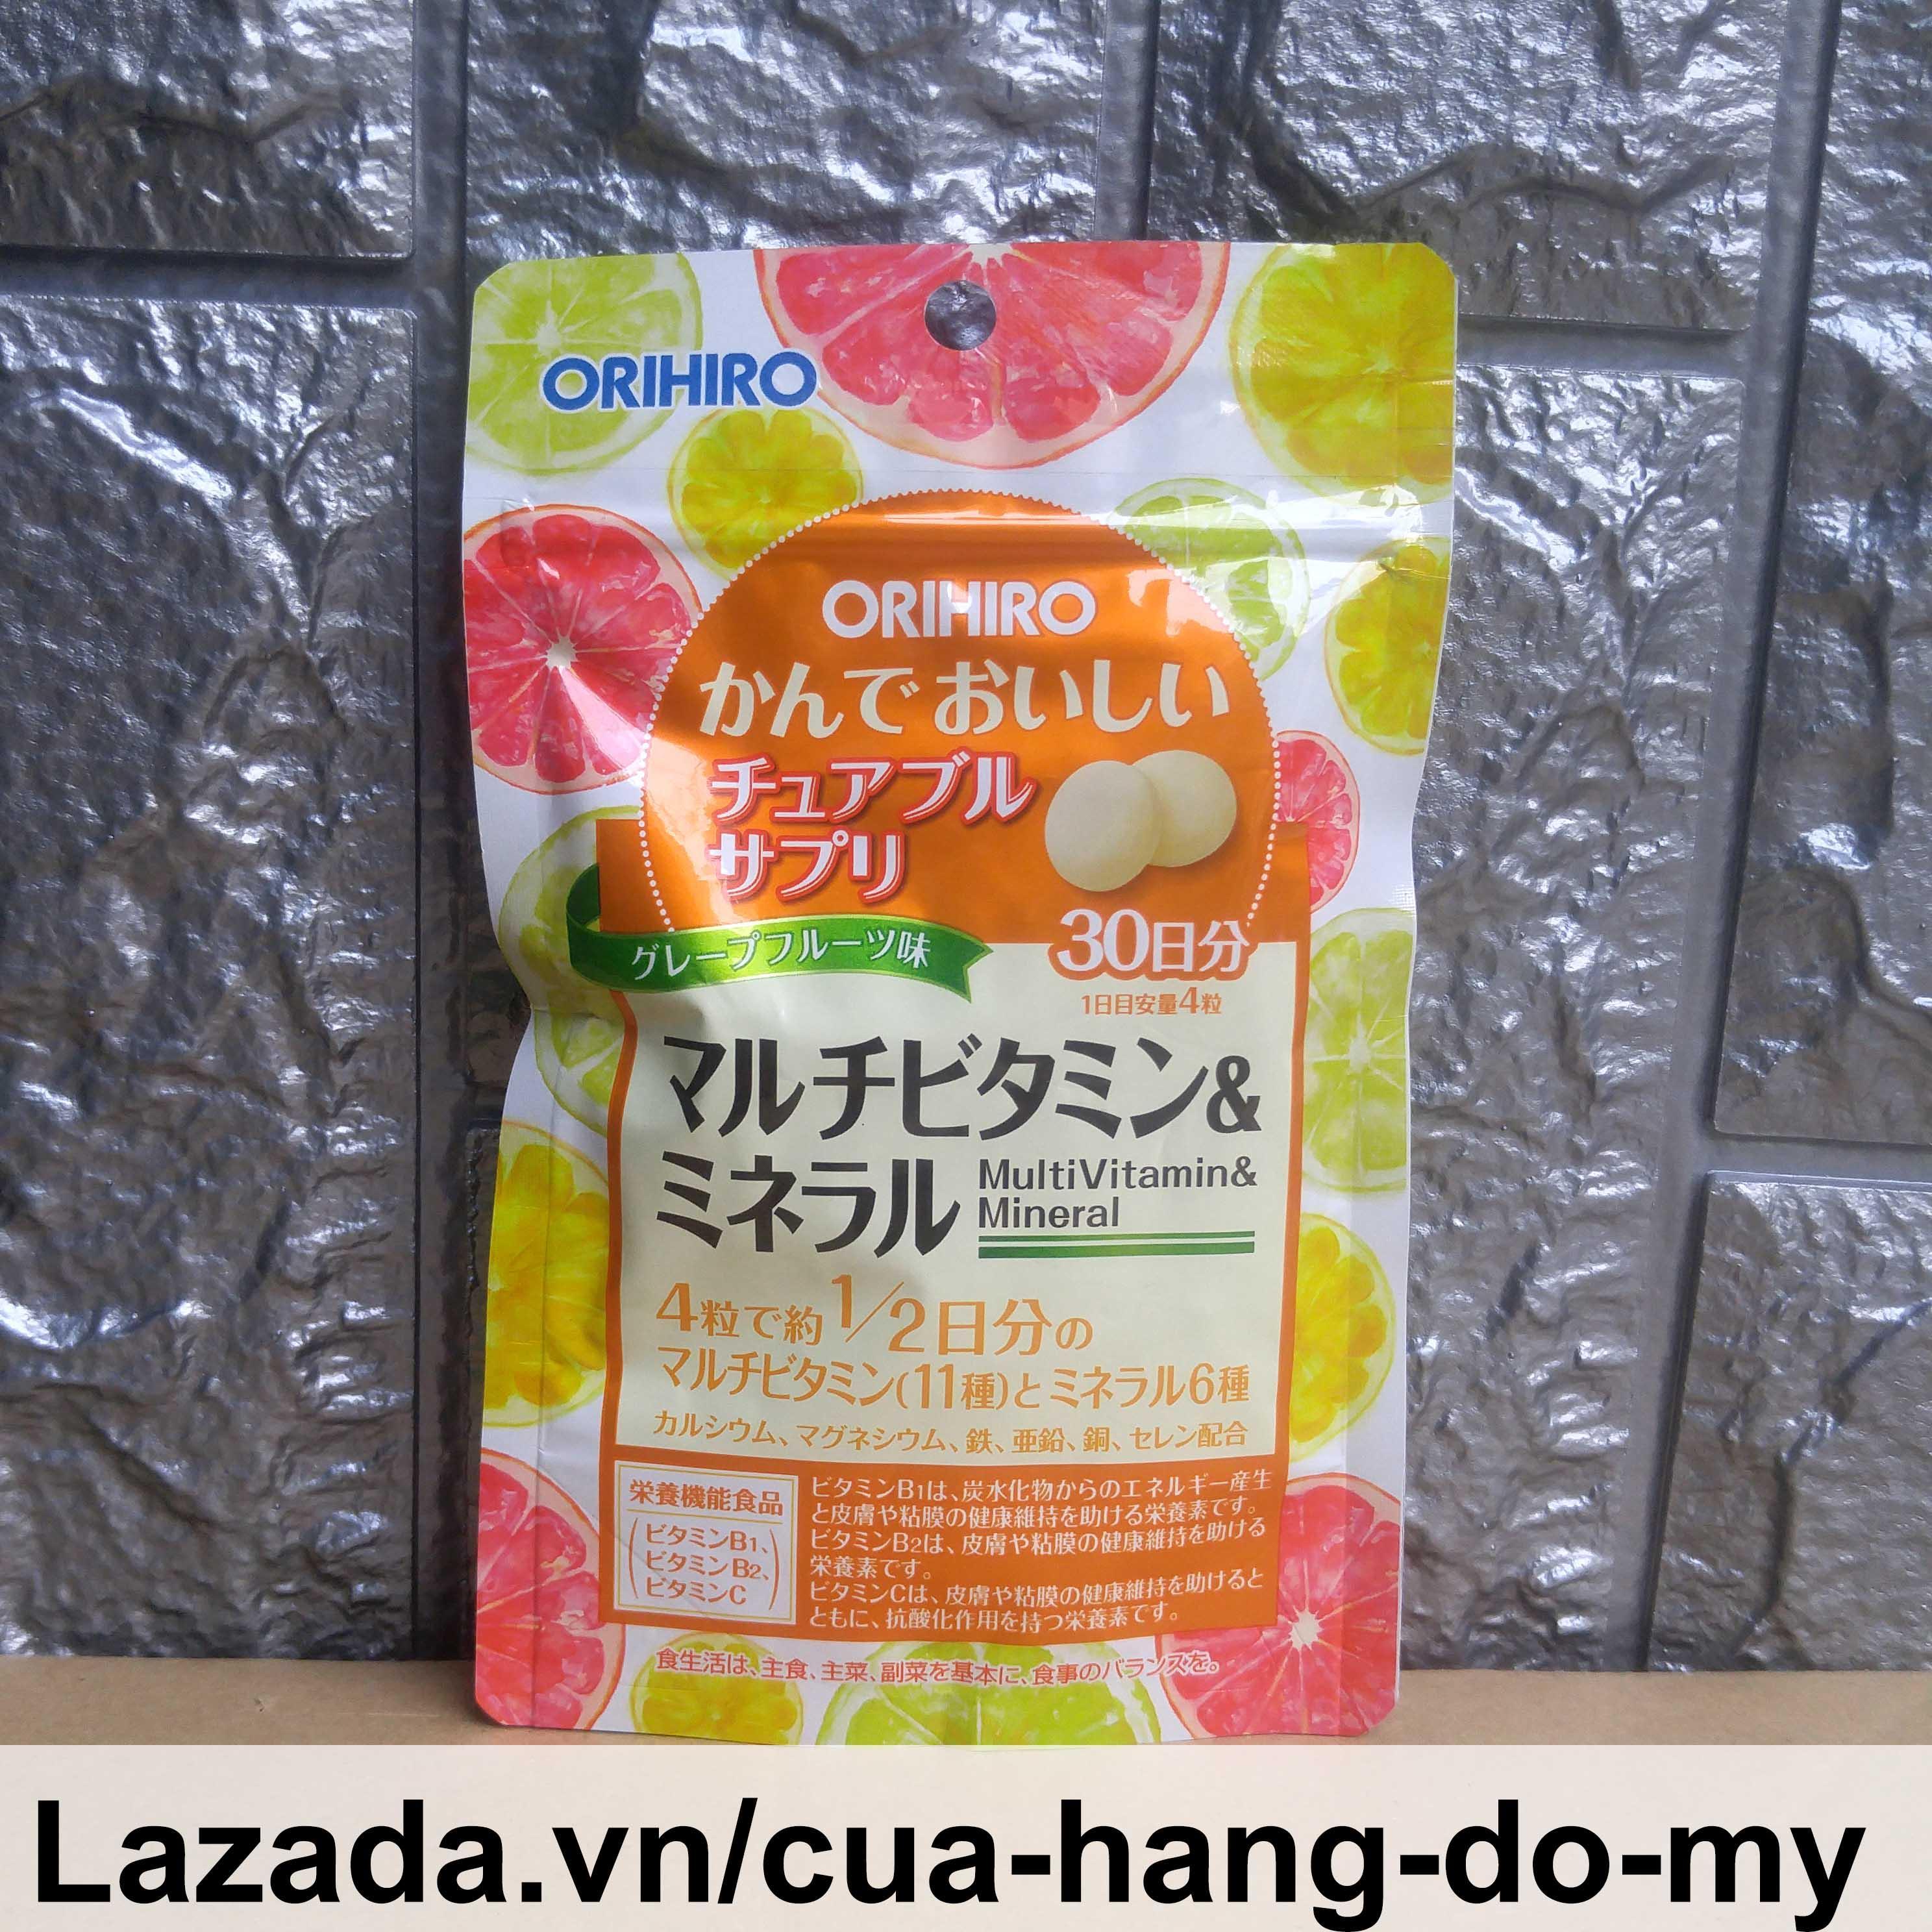 Kẹo ngậm bổ sung Vitamin và khoáng chất Orihiro 120 viên Multivitamin & Mineral - Kẹo nhai hương bưởi chanh bổ sung vi chất cao cấp